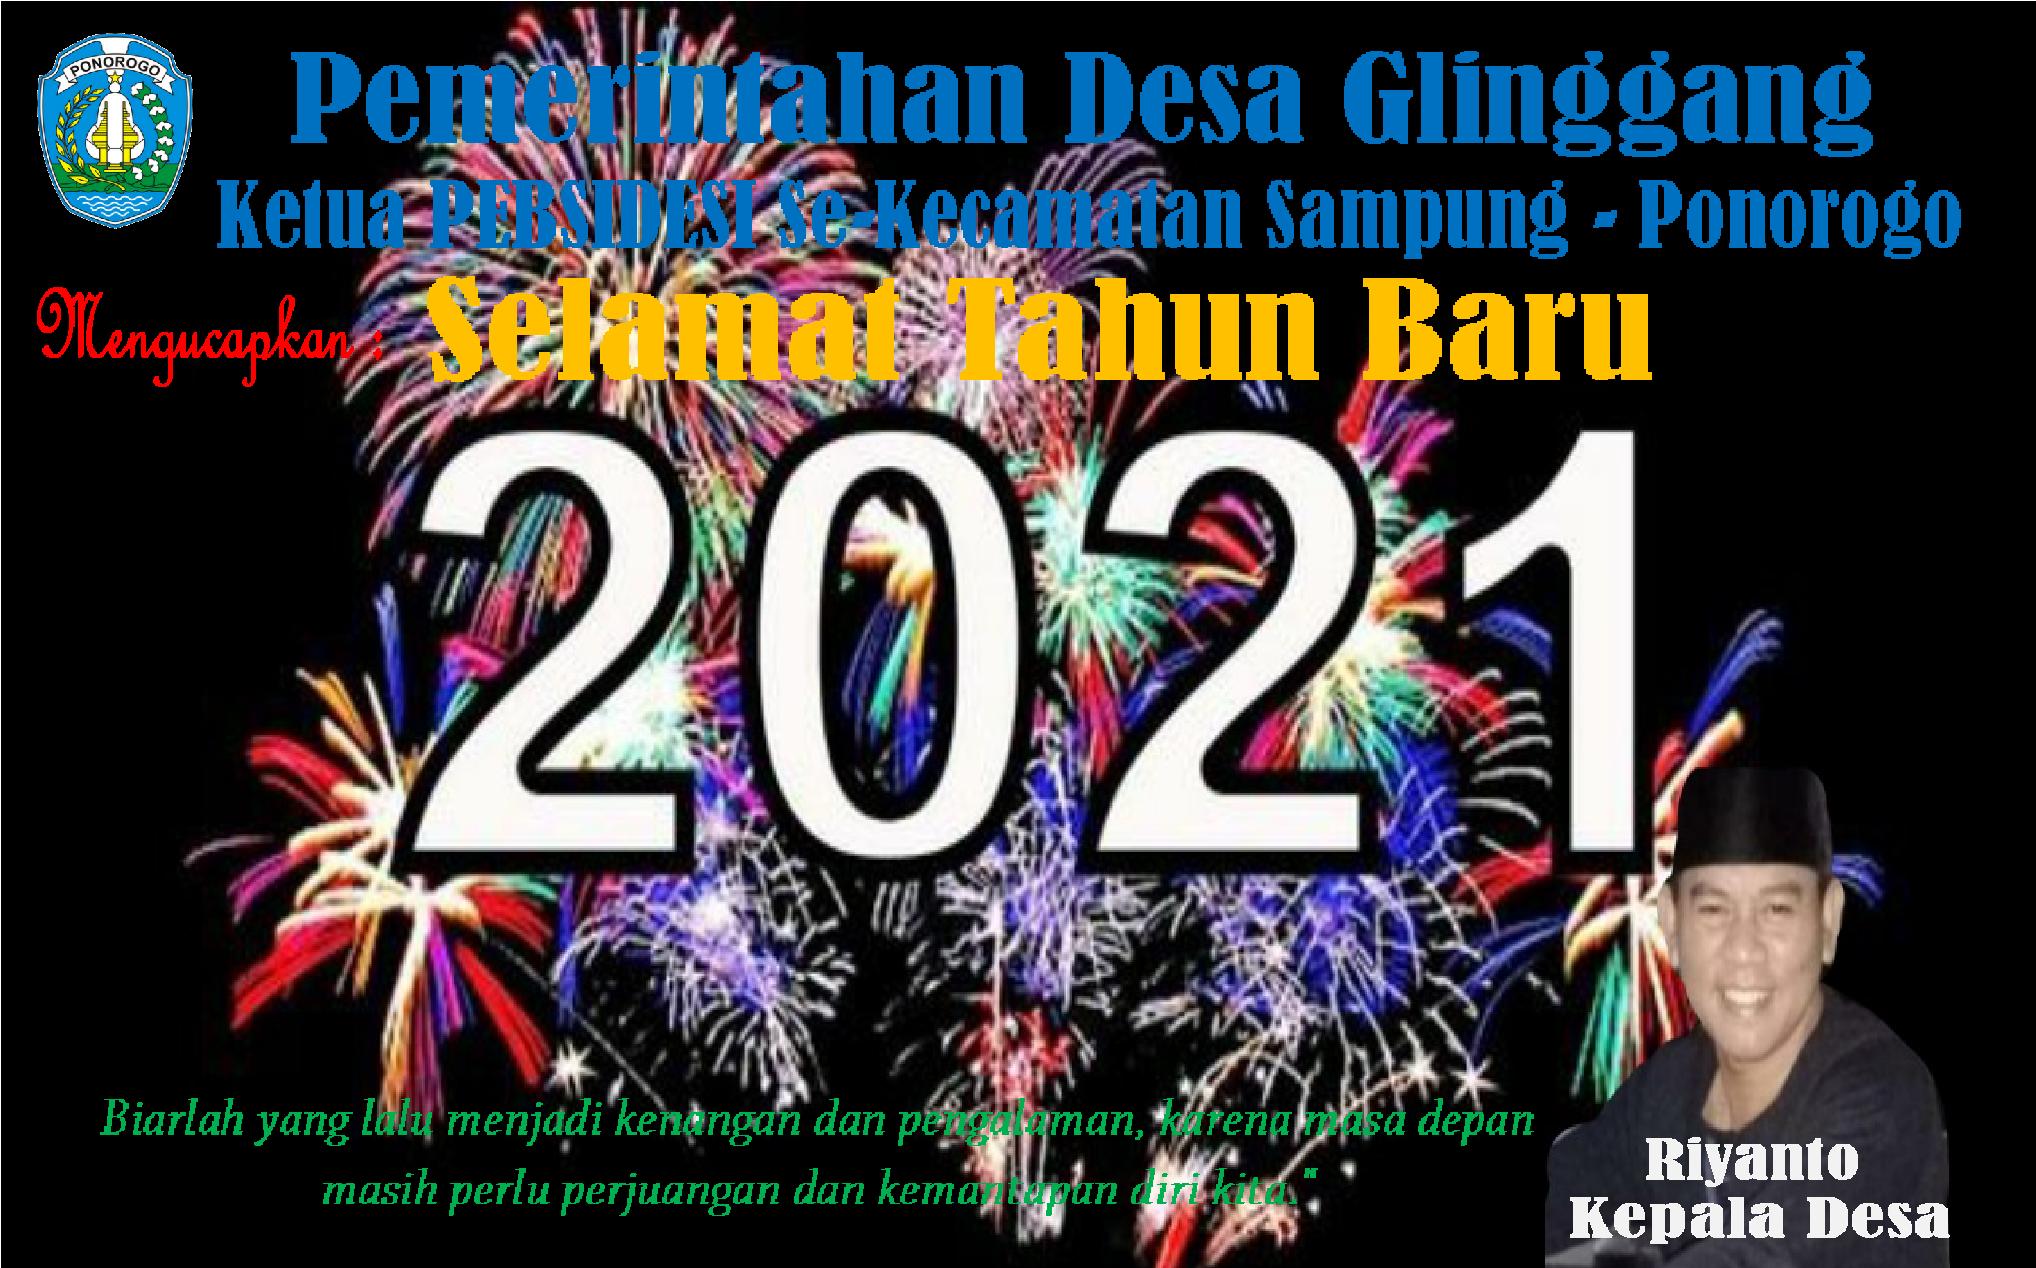 Pemerintahan Desa Glinggang Dan Ketua PEBSIDESI Se-Kecamatan Sampung  Kabupaten Ponorogo Mengucapkan : Selamat Tahun Baru 2021